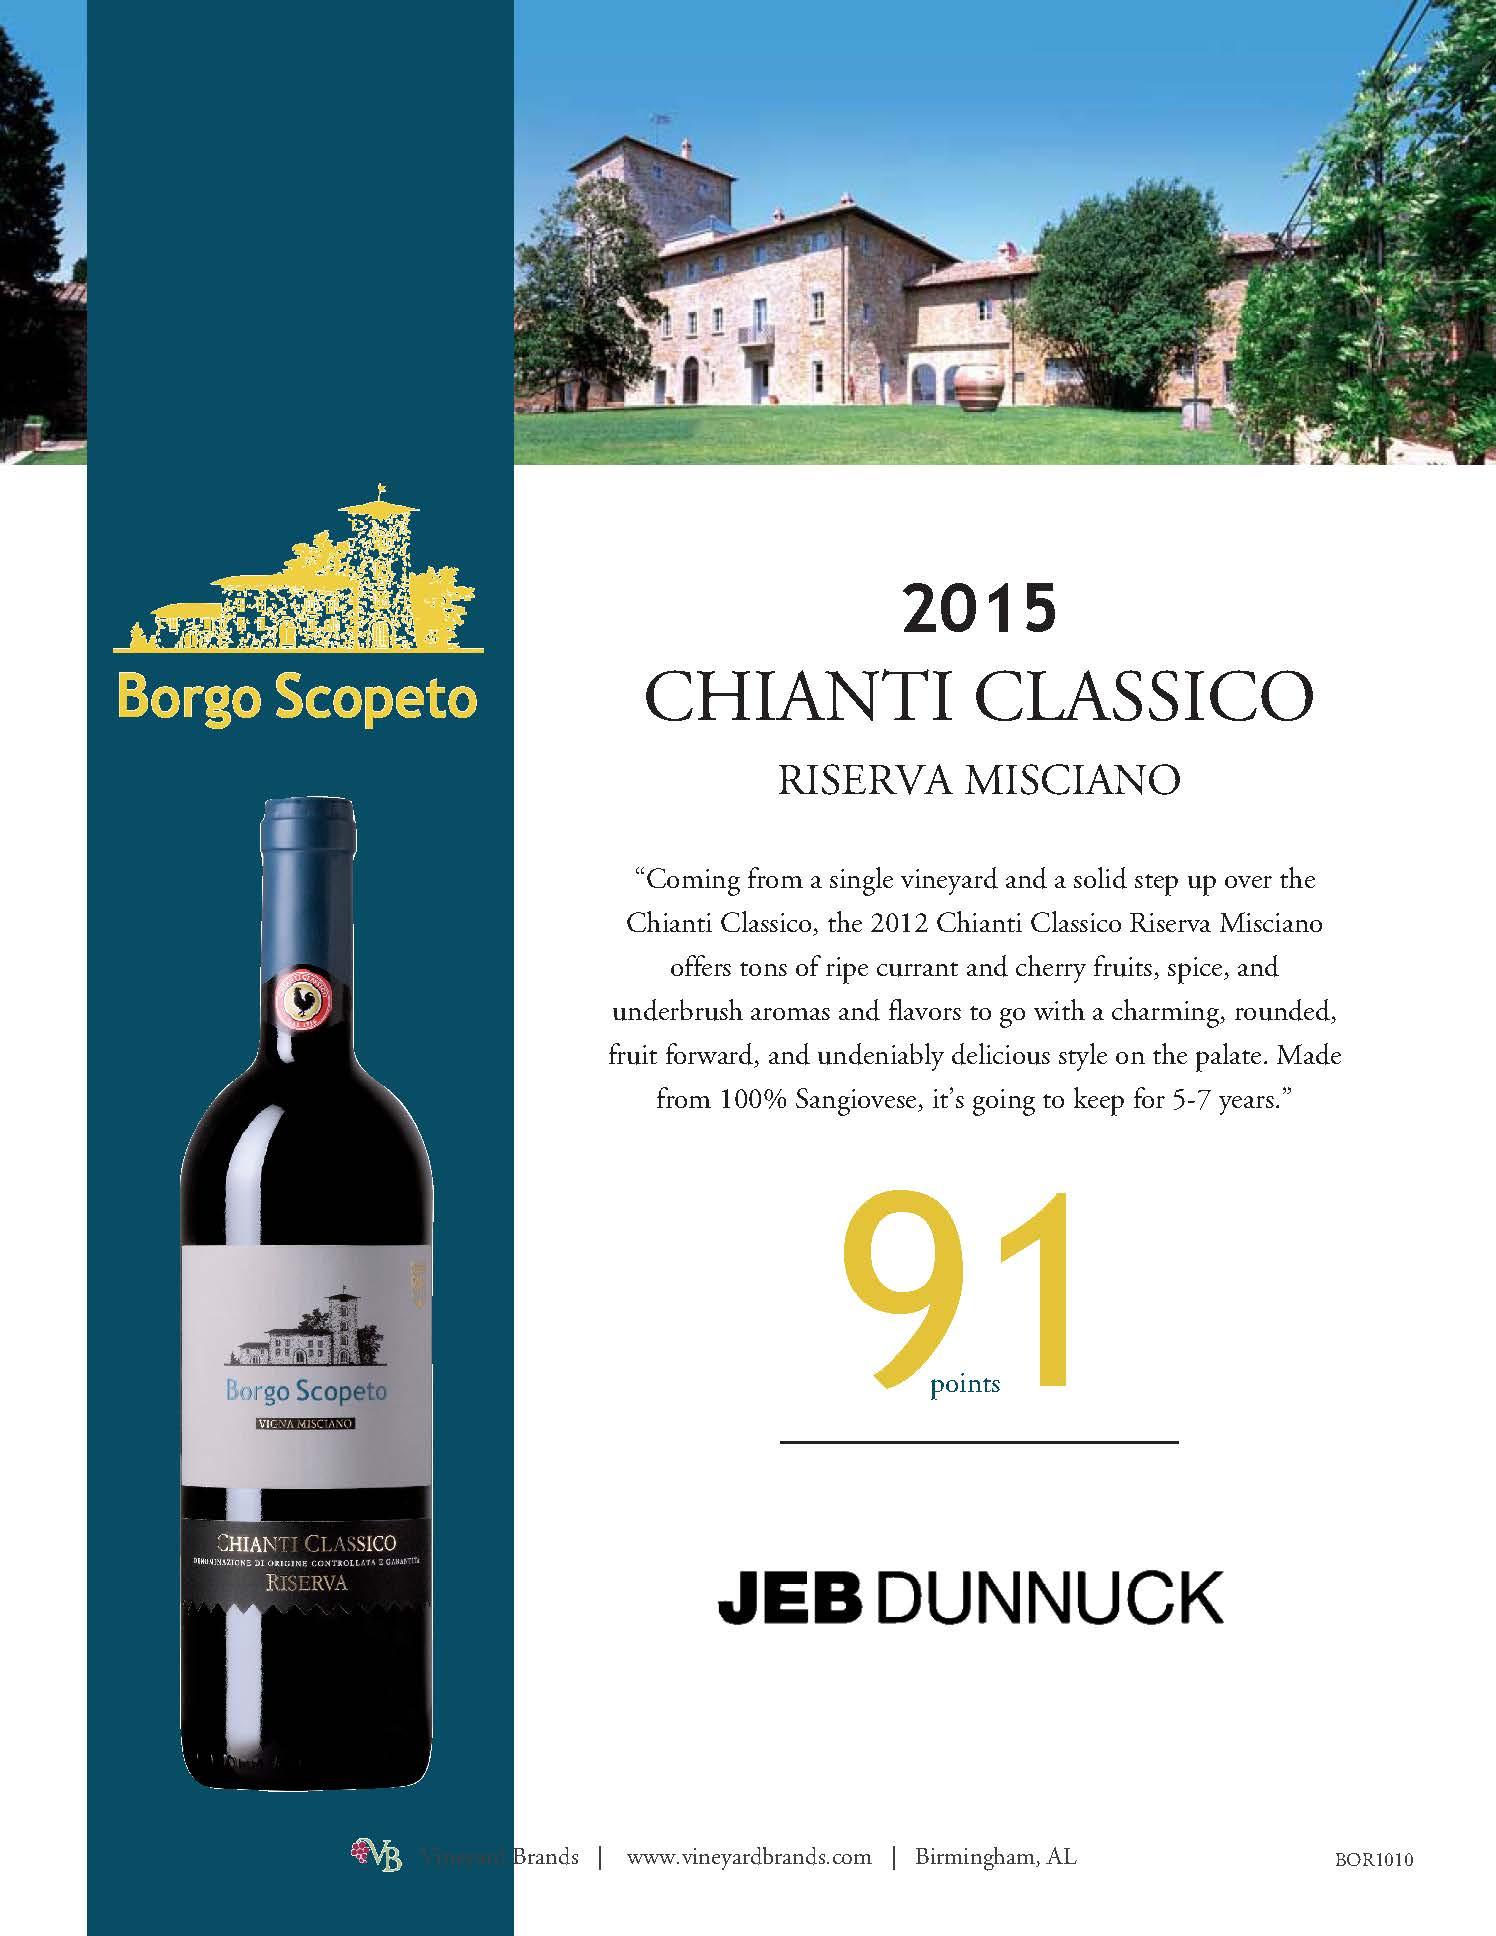 Borgot Scopeto Chianti Classico 2015.jpg